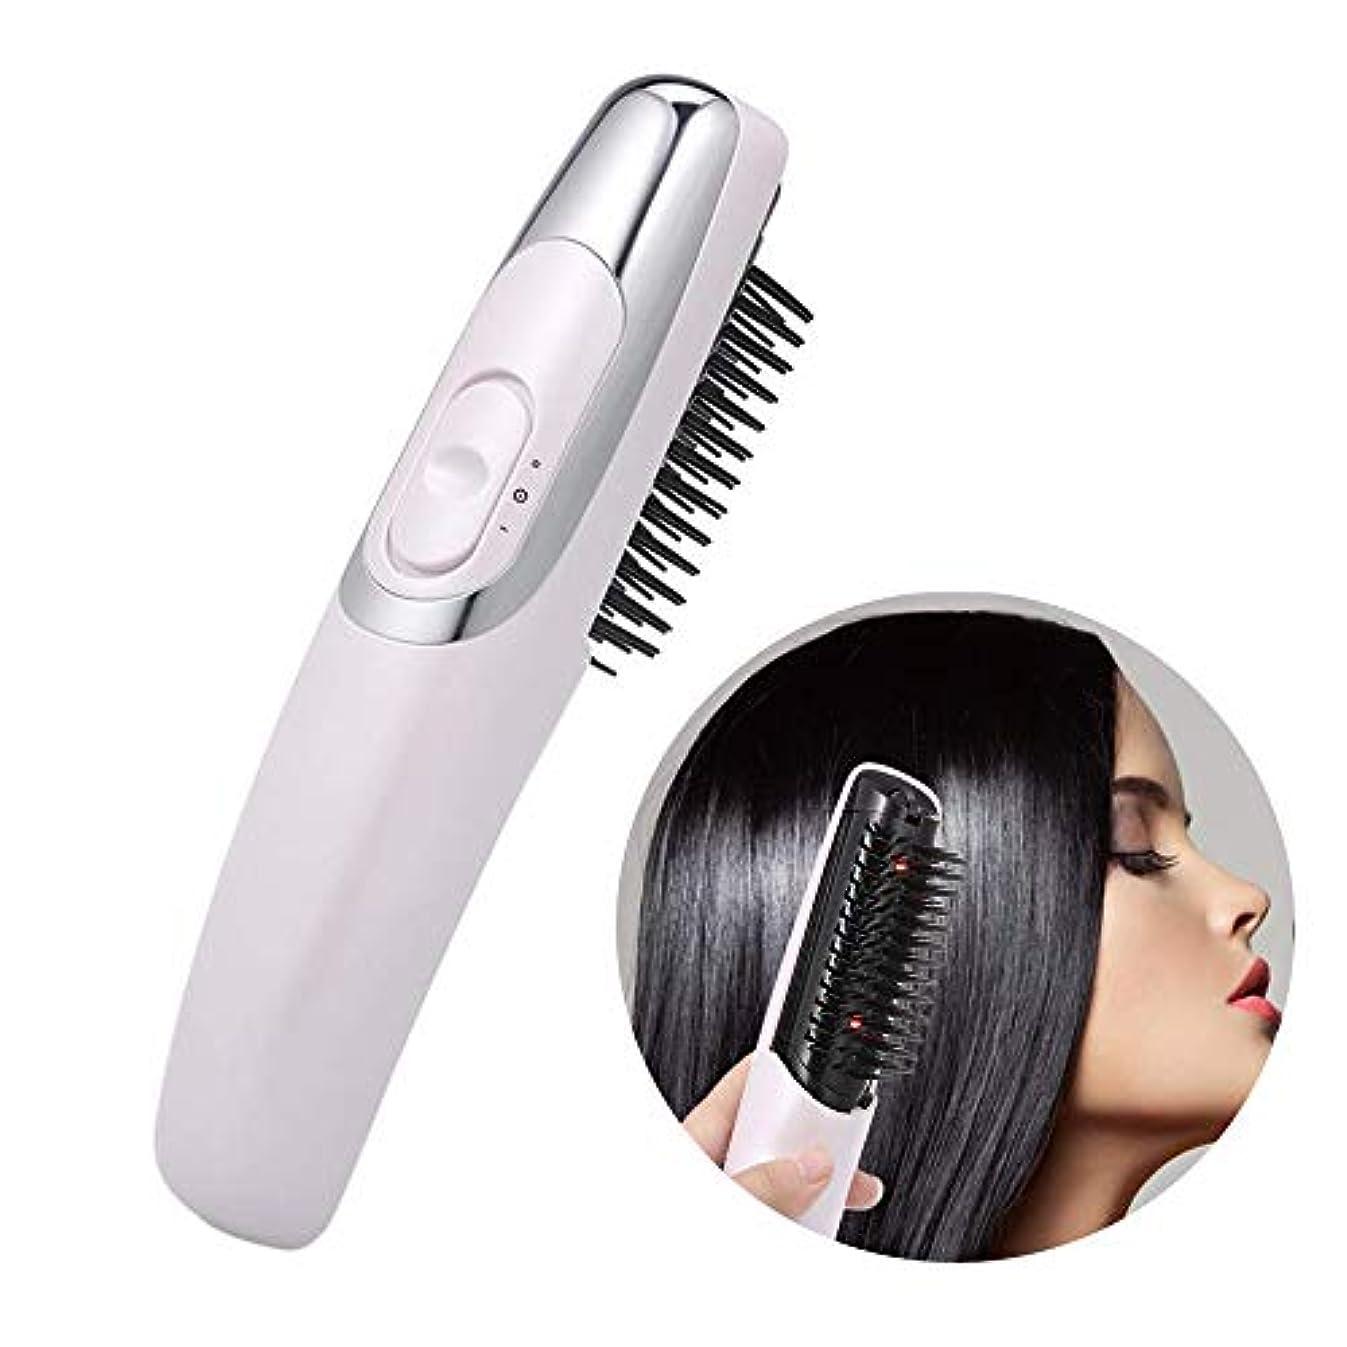 有名地区安定しました電気レーザーマッサージコーム2-IN-1頭皮マッサージヘッド髪の成長のための電気マッサージャー頭用頭皮マッサージブラシ(マッサージャー&赤外線&振動療法)